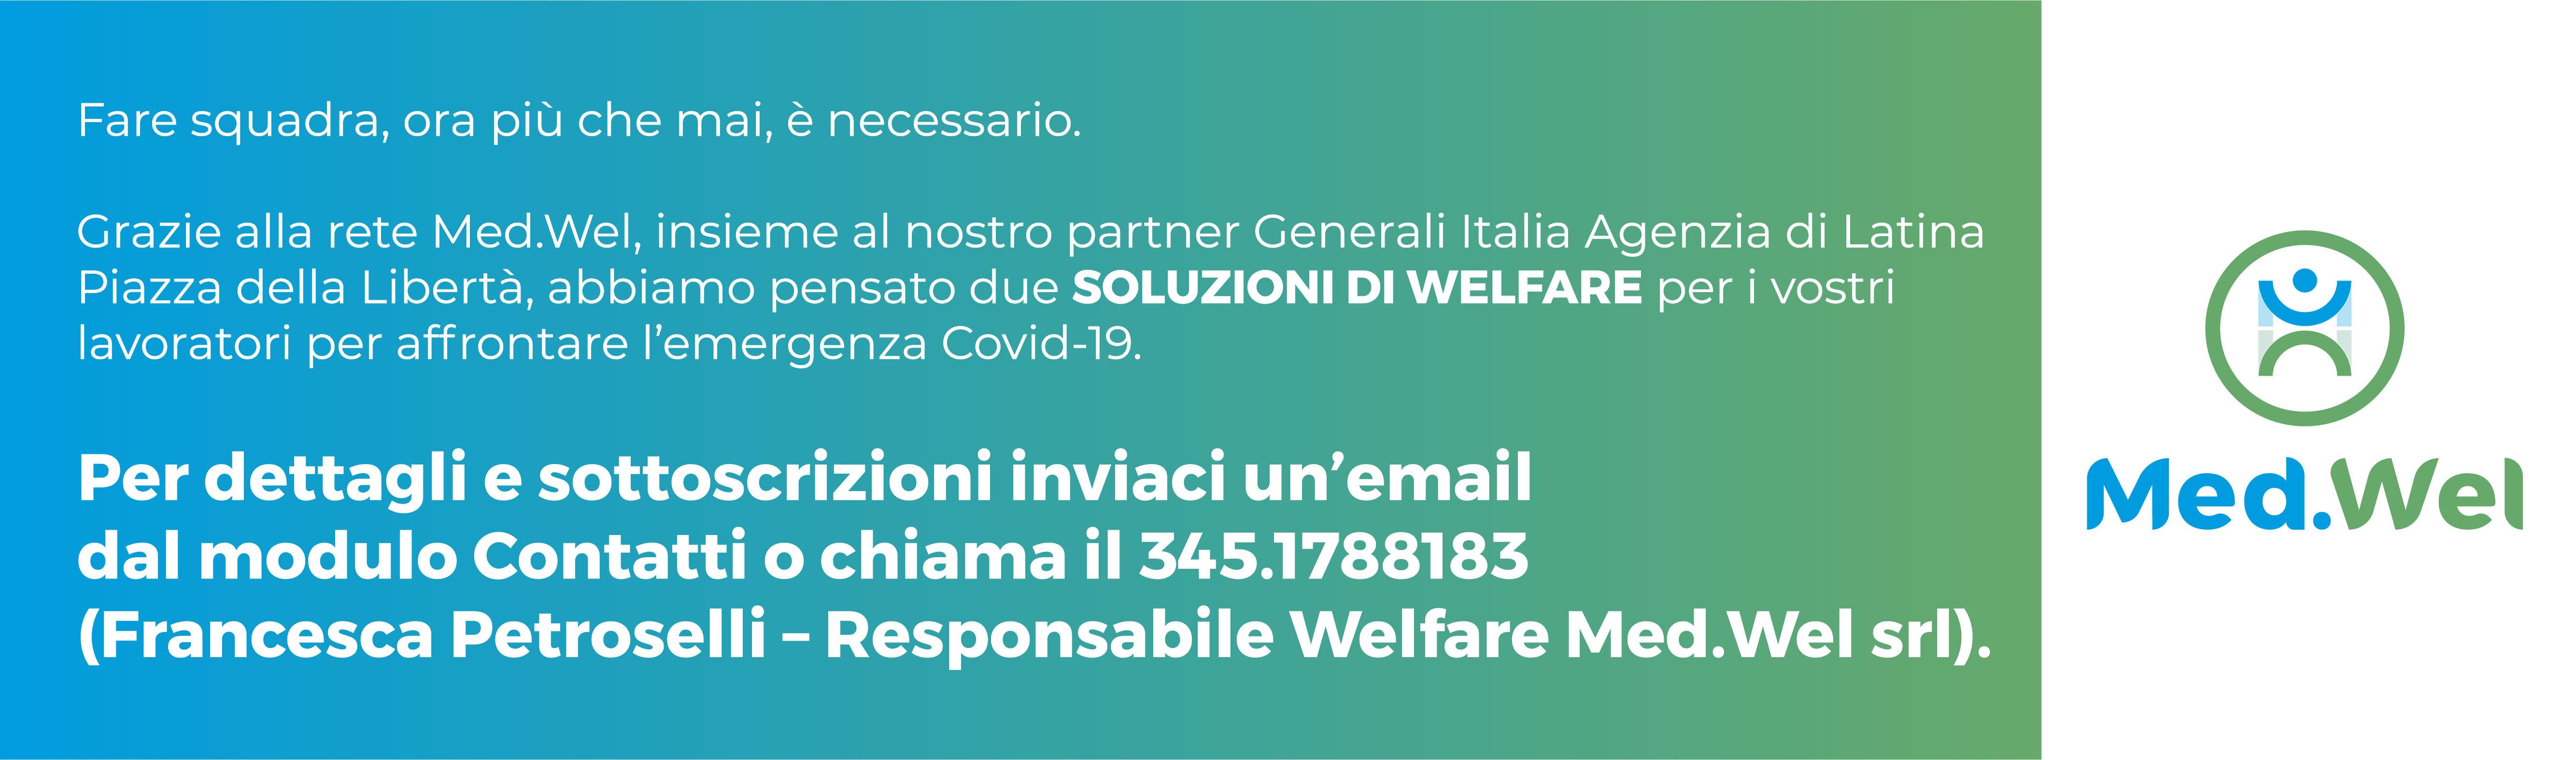 Le soluzioni Med.Wel e il partner Generali Italia per affrontare l'emergenza Condi-19